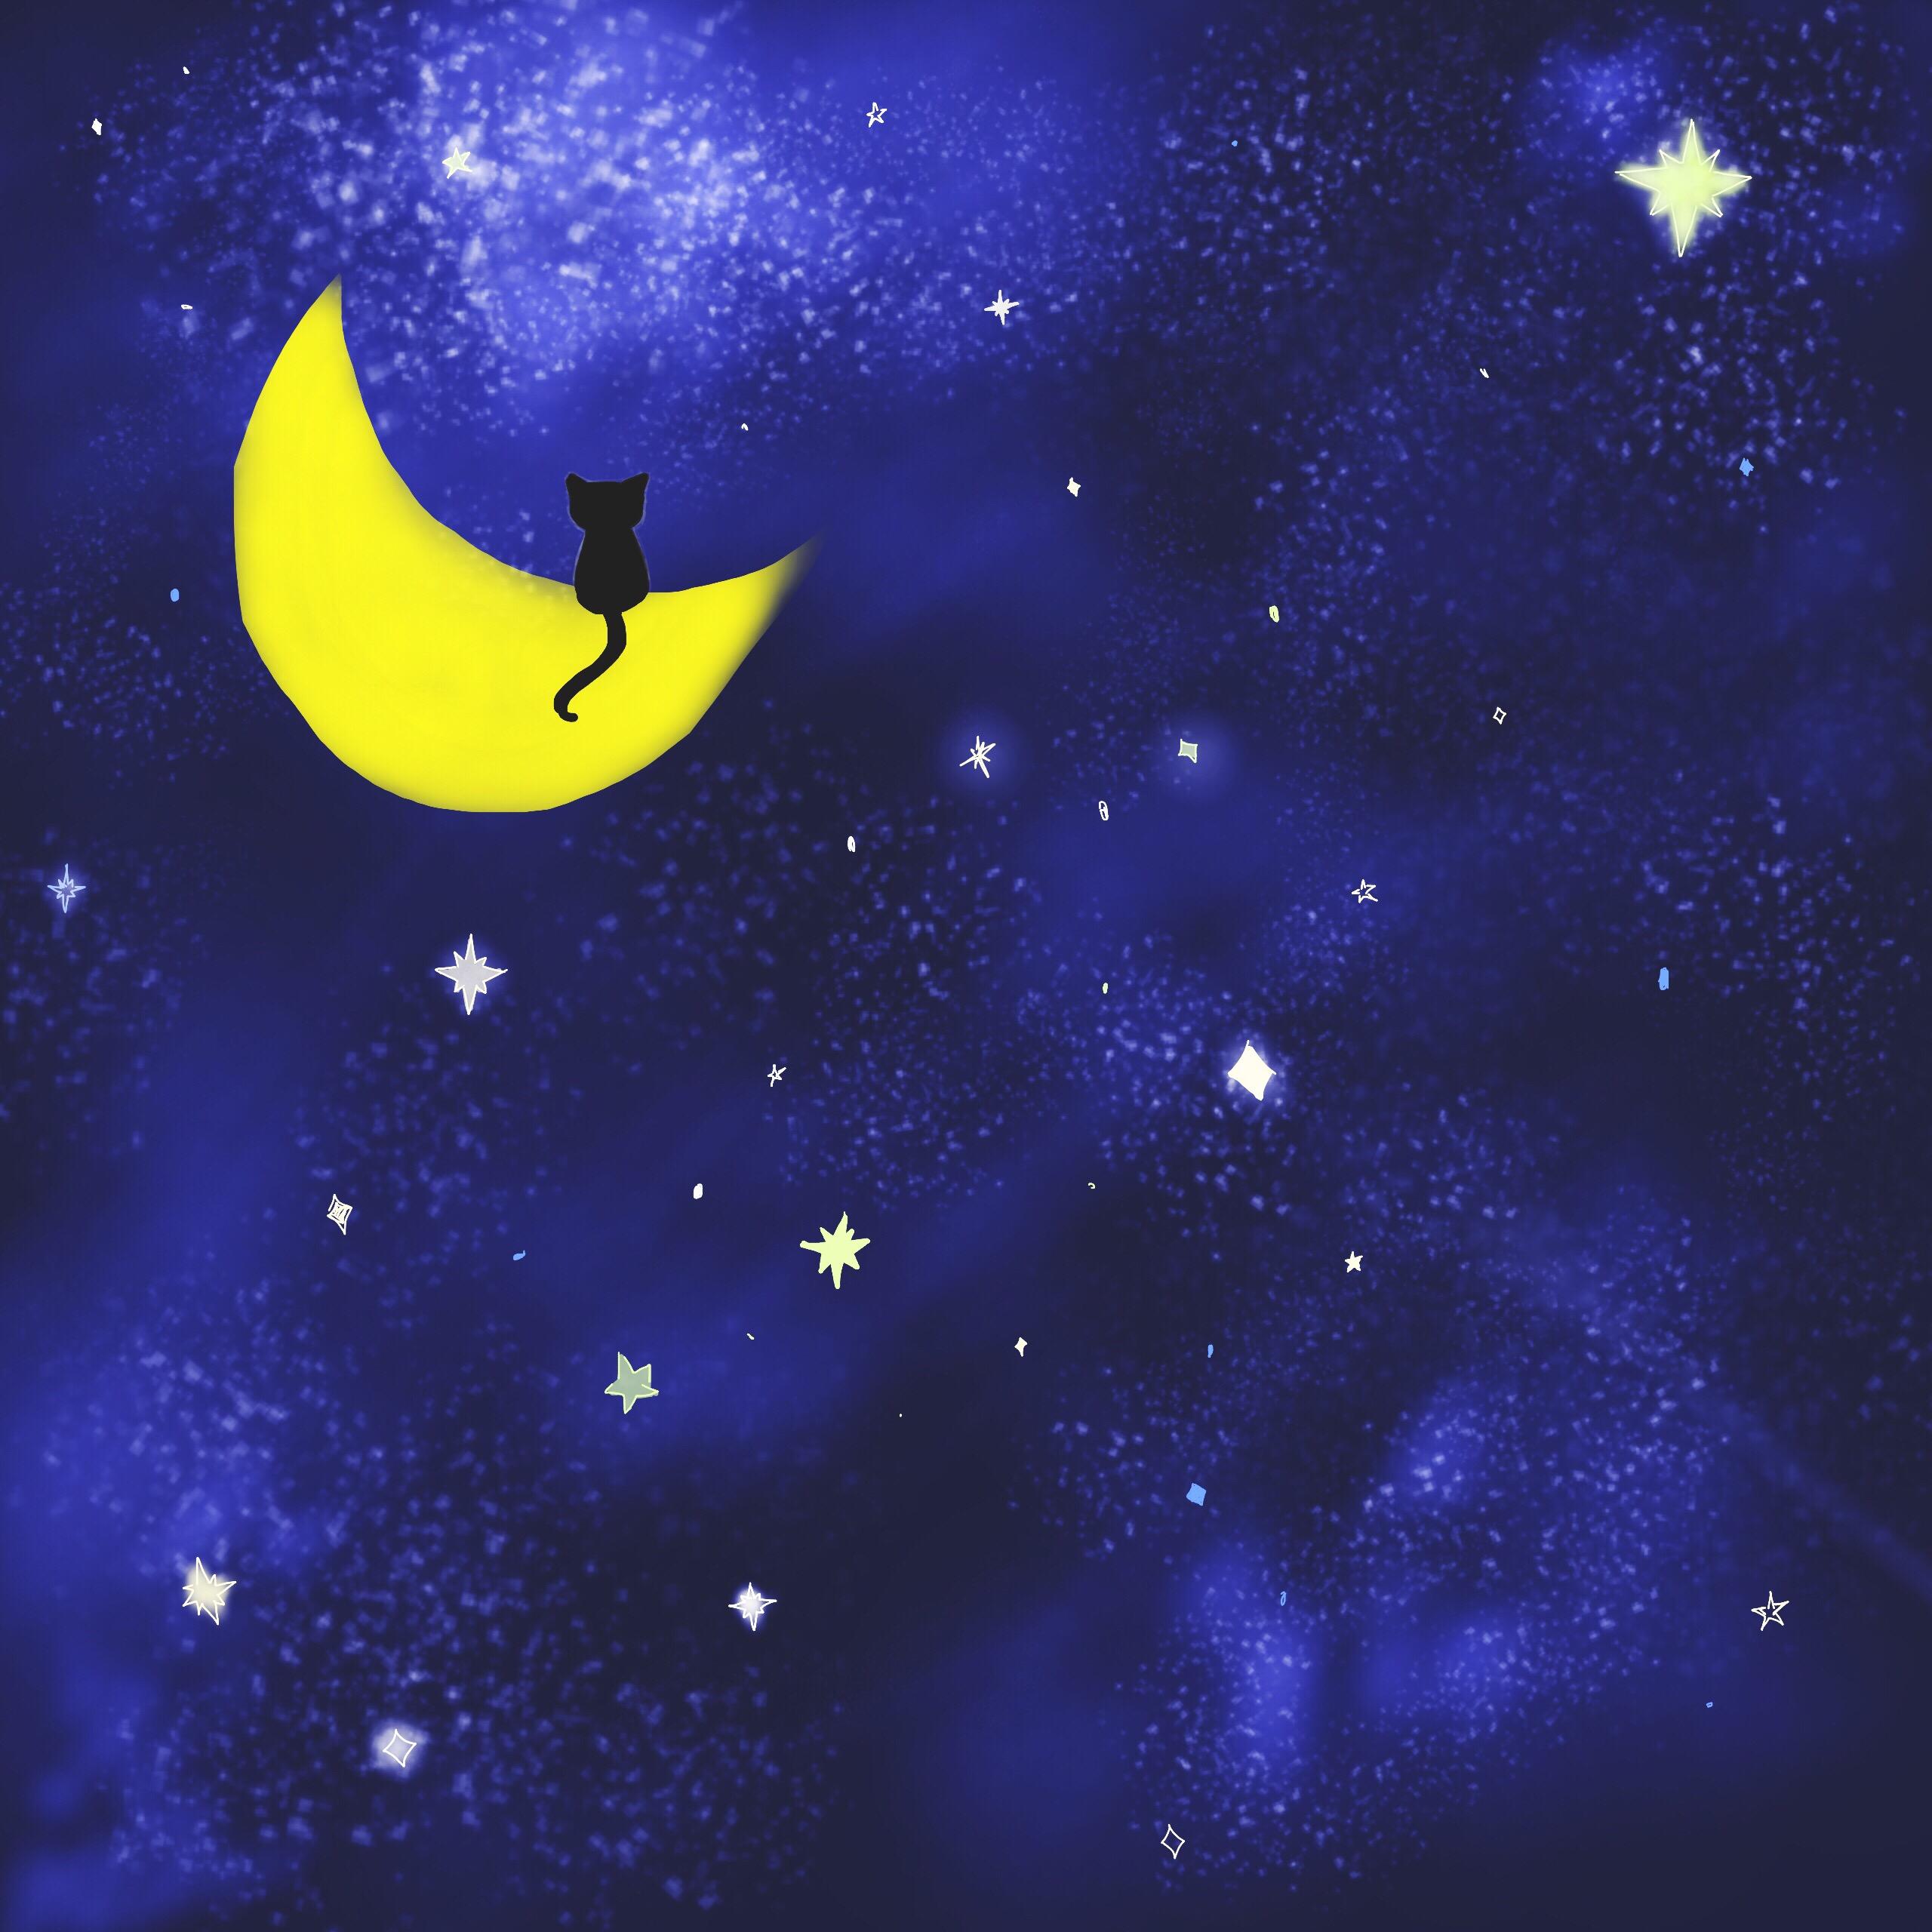 2560x2560 Wdpnightsky Sky Night Moon Cat Stars Starynight Drawing